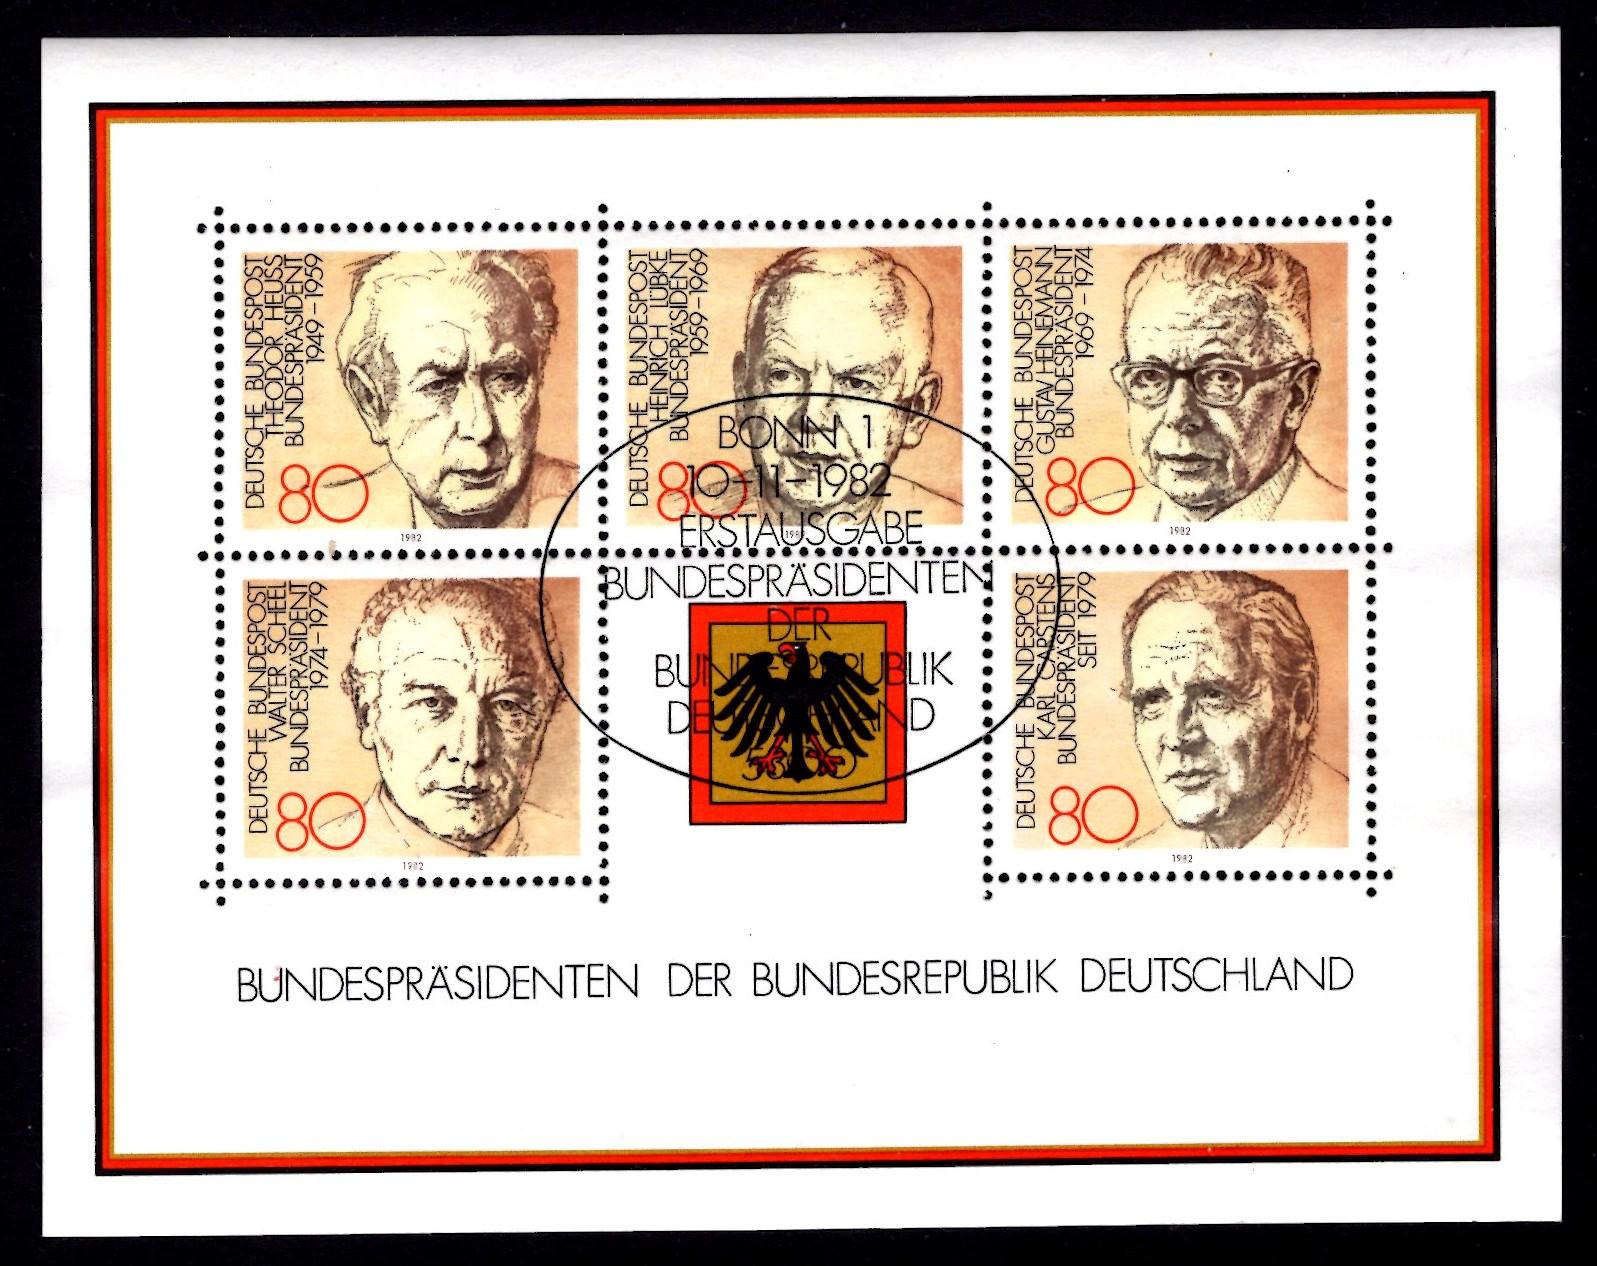 Bund Block 018 Bundespräsidenten